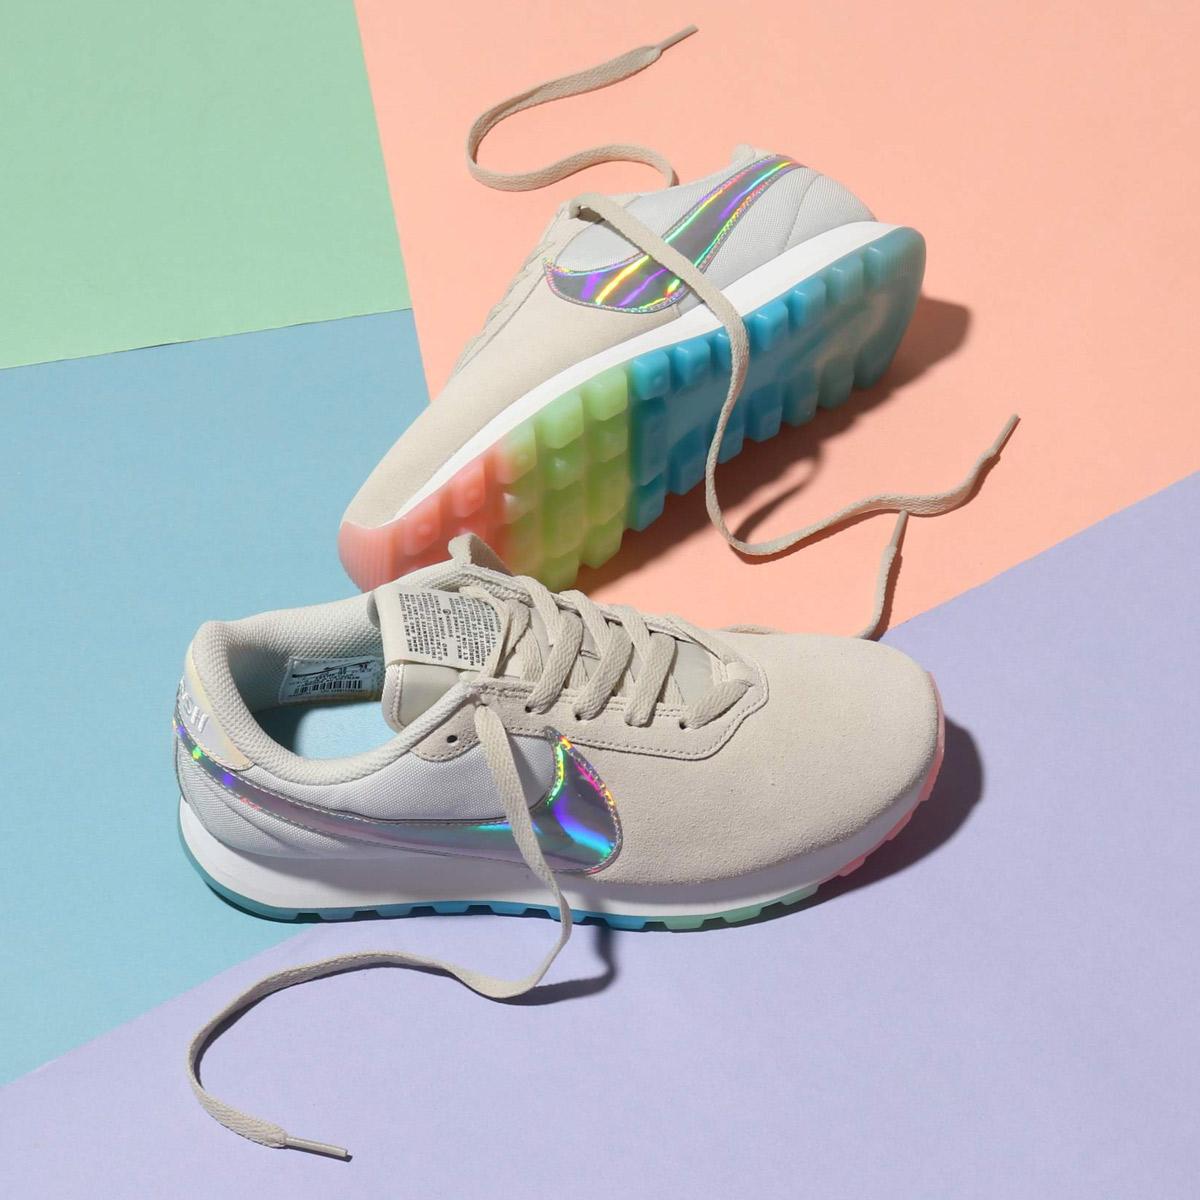 NIKE W PRE-LOVE O.X. (Nike women pre-love OX) SUMMIT WHITE SUMMIT WHITE  18FA-S 0d2023d58a